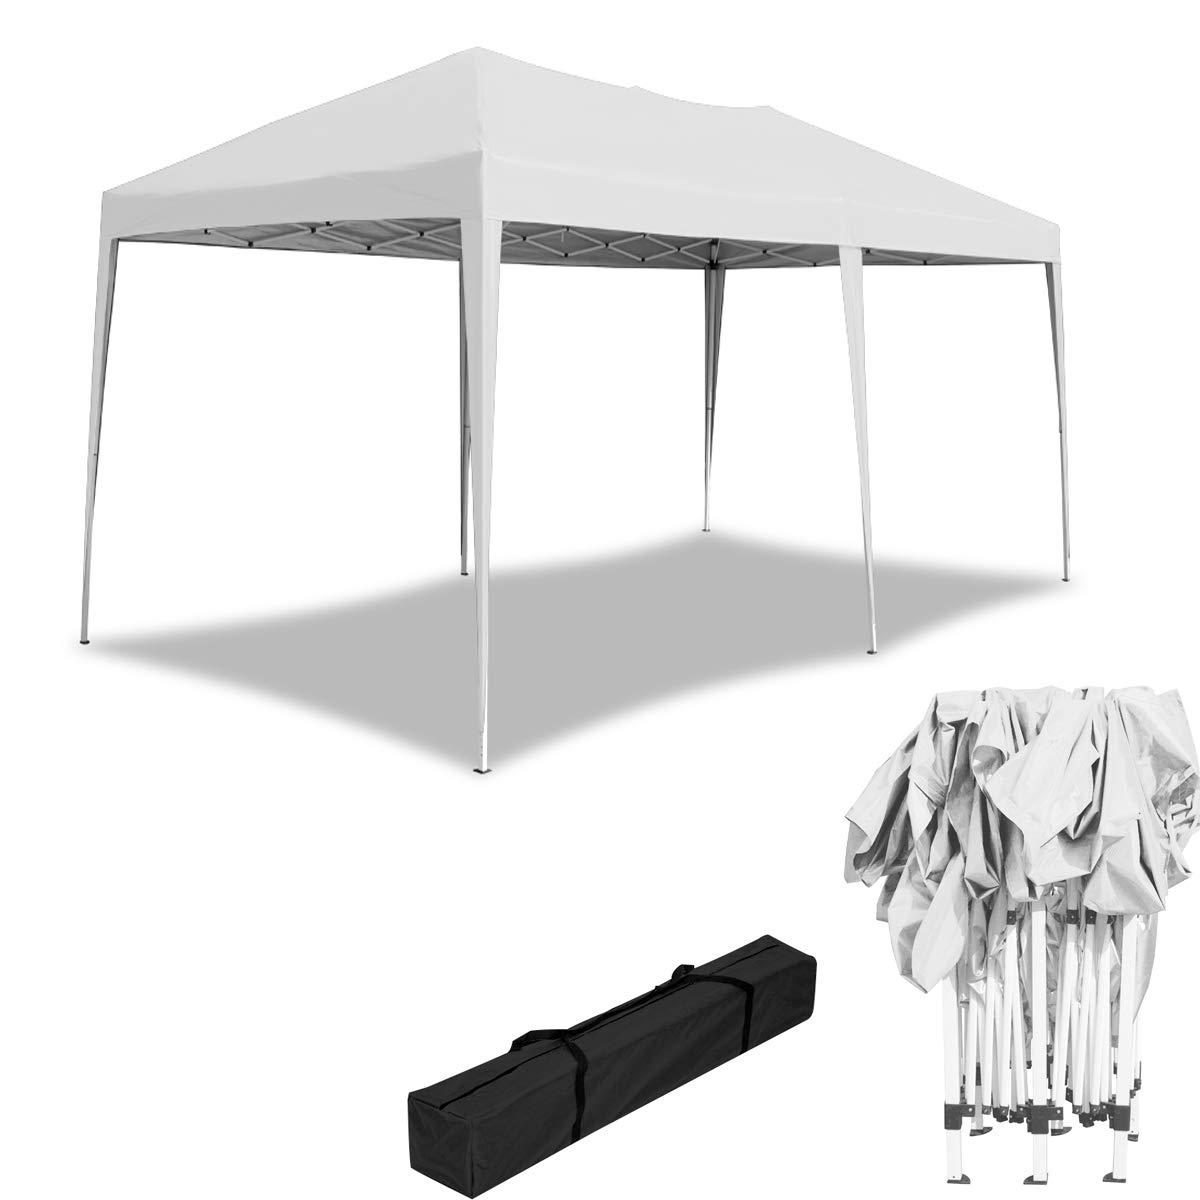 HENGMEI 3x6m Cenador Plegable para jardín Carpa pabellón Tienda sin Paredes Laterales para Eventos y Fiestas, Blanco: Amazon.es: Jardín